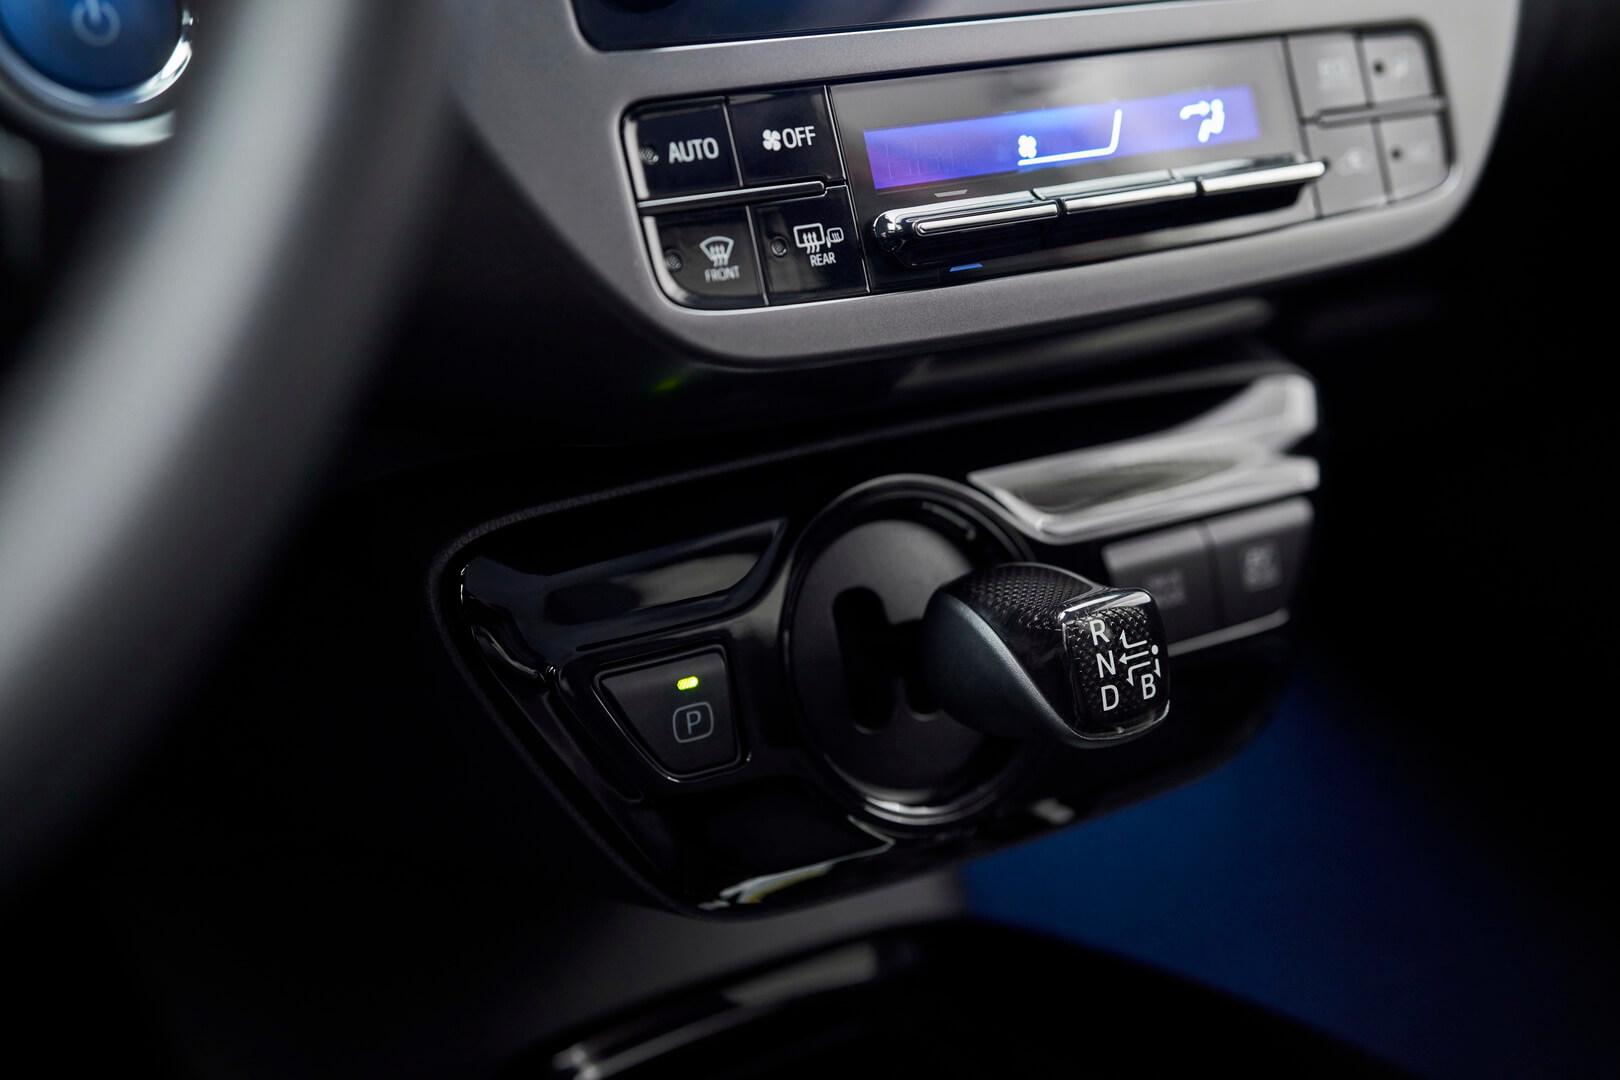 Ручка переключения передач Toyota Prius 2020 Edition